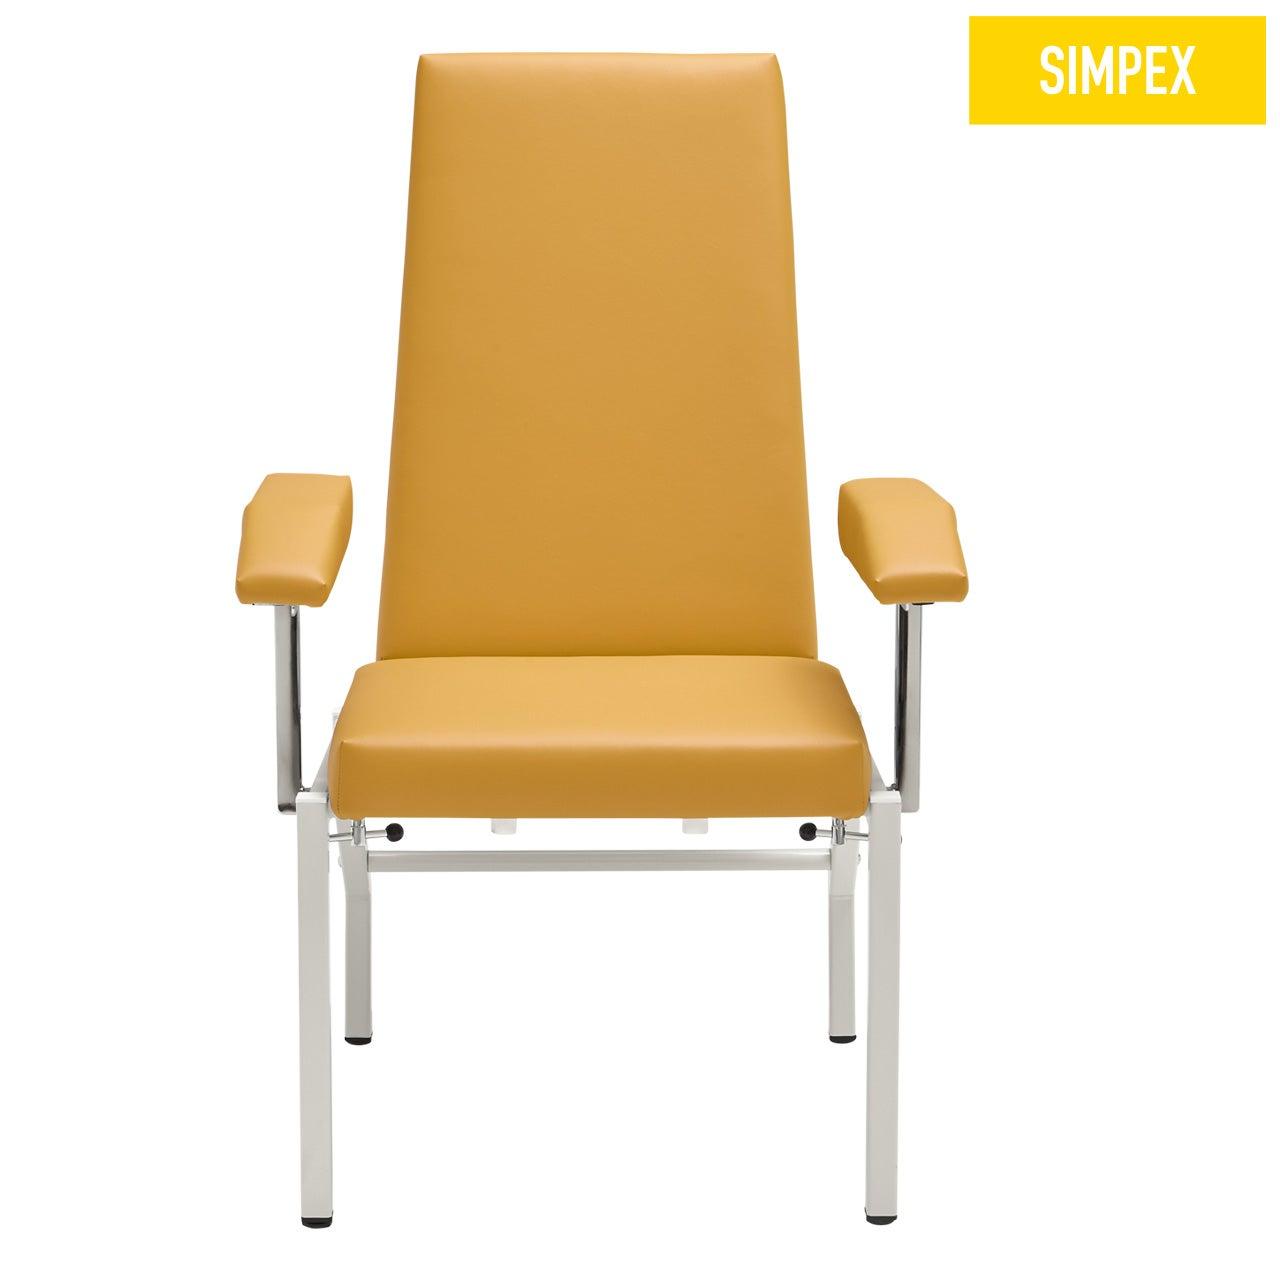 Blutentnahmestuhl Sessel HAEMO-STAT Cuneo Expander mit Kunstleder in gelb (mais) und einem Gestell aus Stahl grauweiß gepulvert von SIMPEX